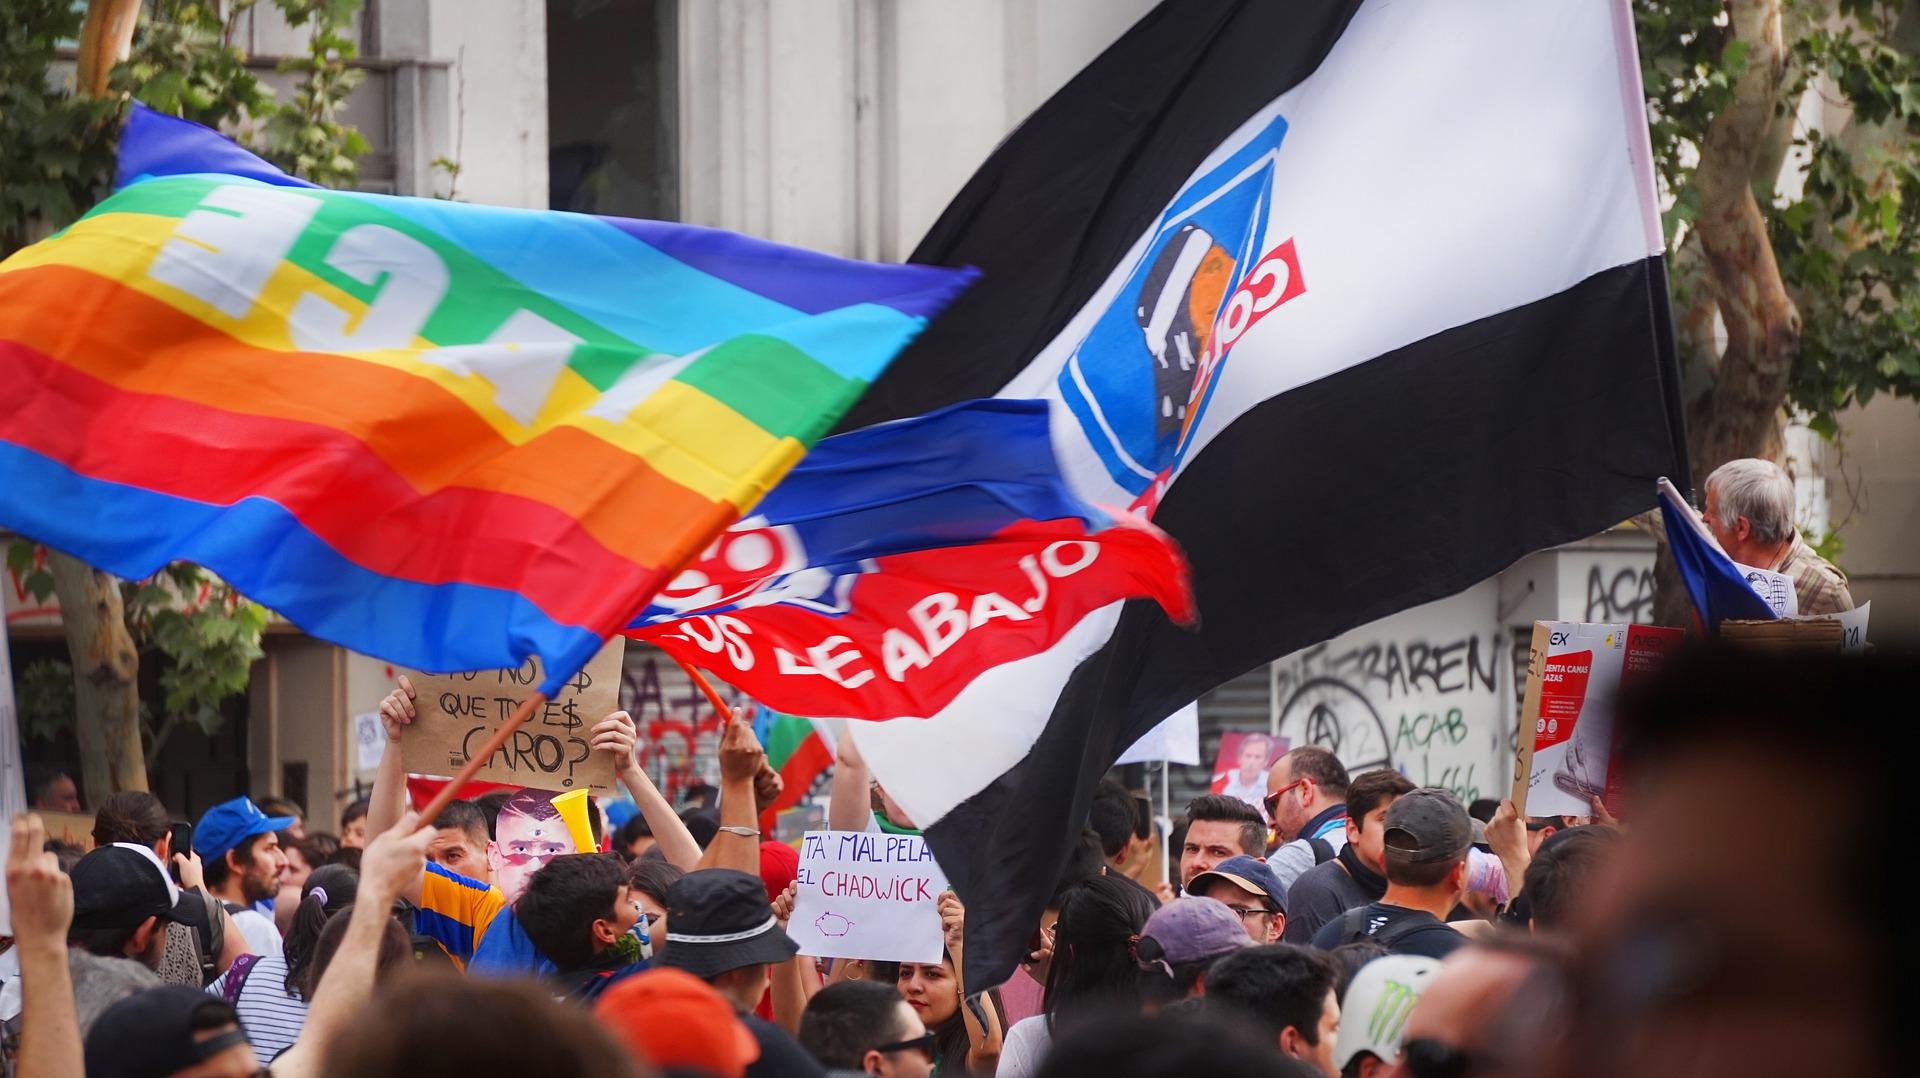 En el estallido social de 2019, las organizaciones que luchan por los derechos del colectivo LGBTQ estuvieron presentes en las calles.